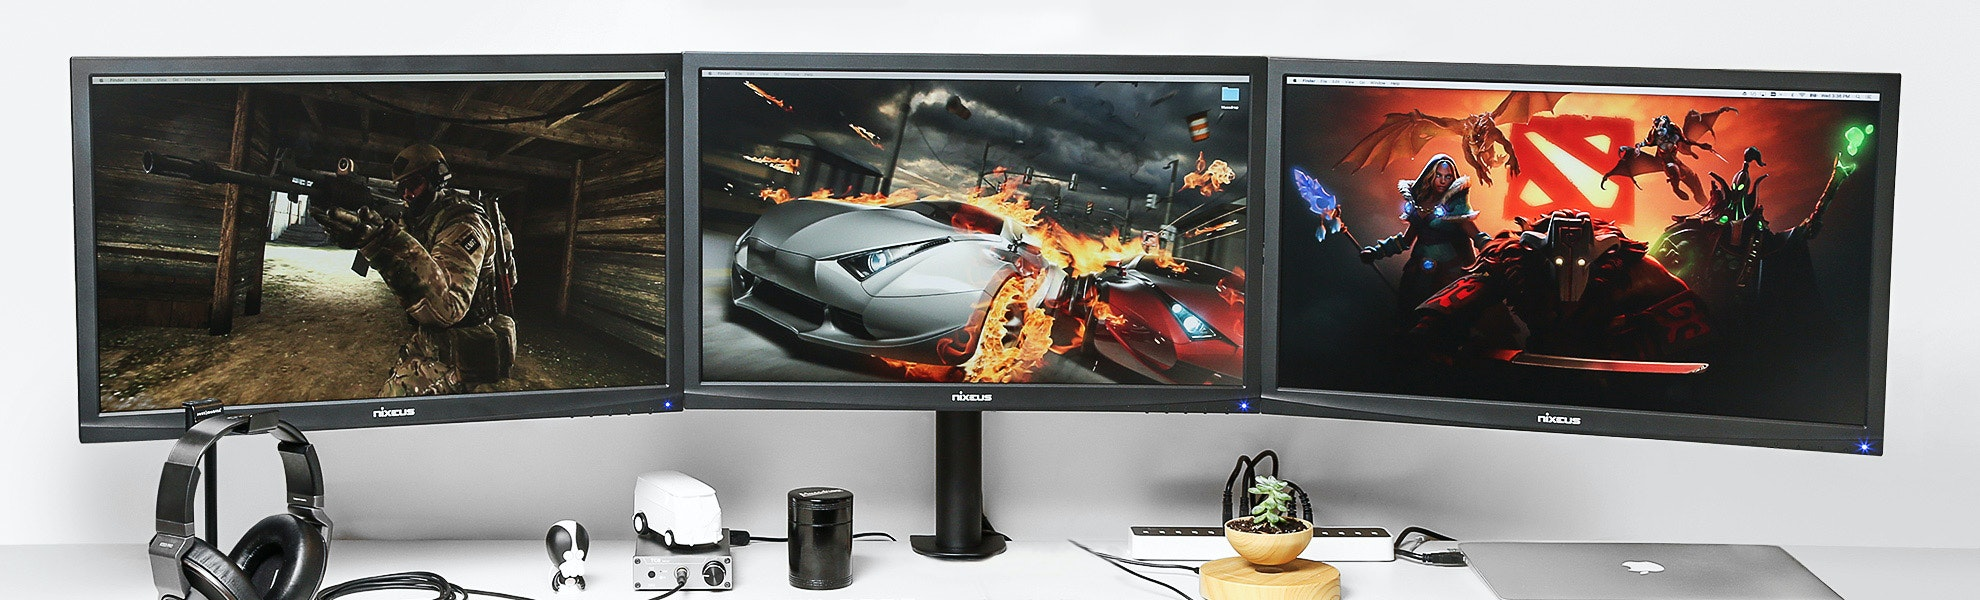 Vivo Dual|Triple|Quad LCD Heavy Duty Desk Mounts